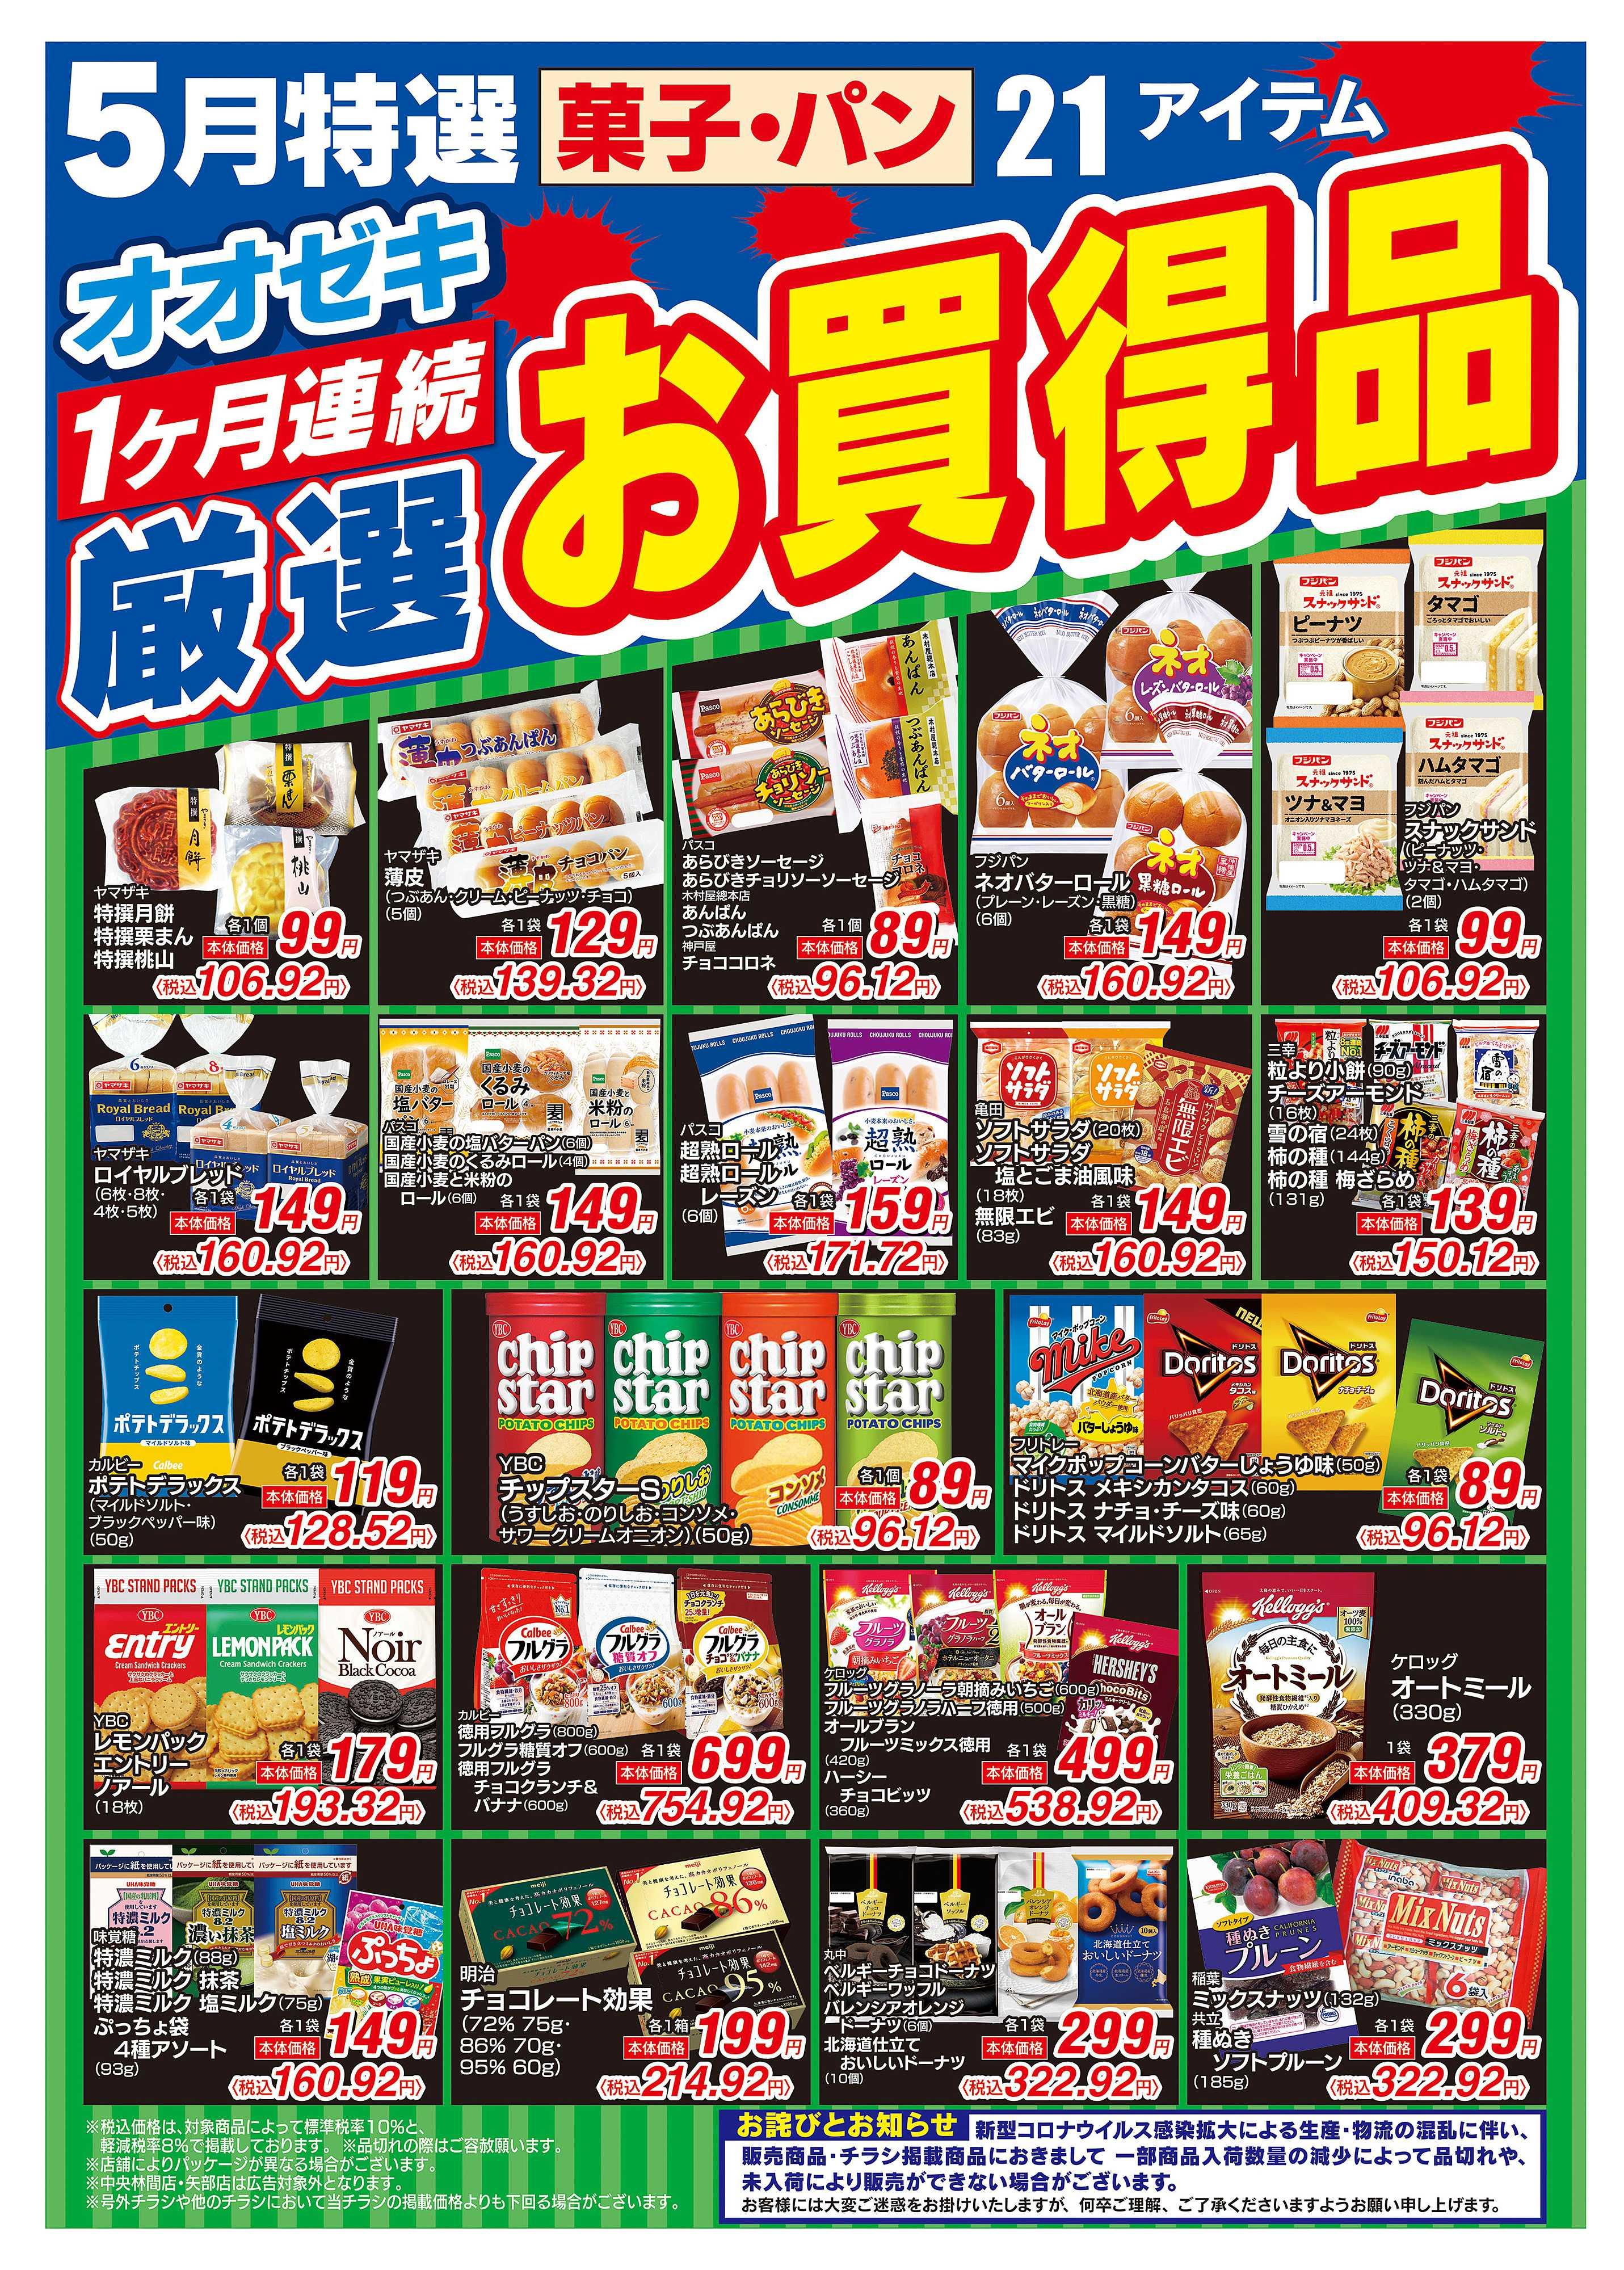 オオゼキ 5月特選菓子・パン 1ヶ月連続厳選お買得品